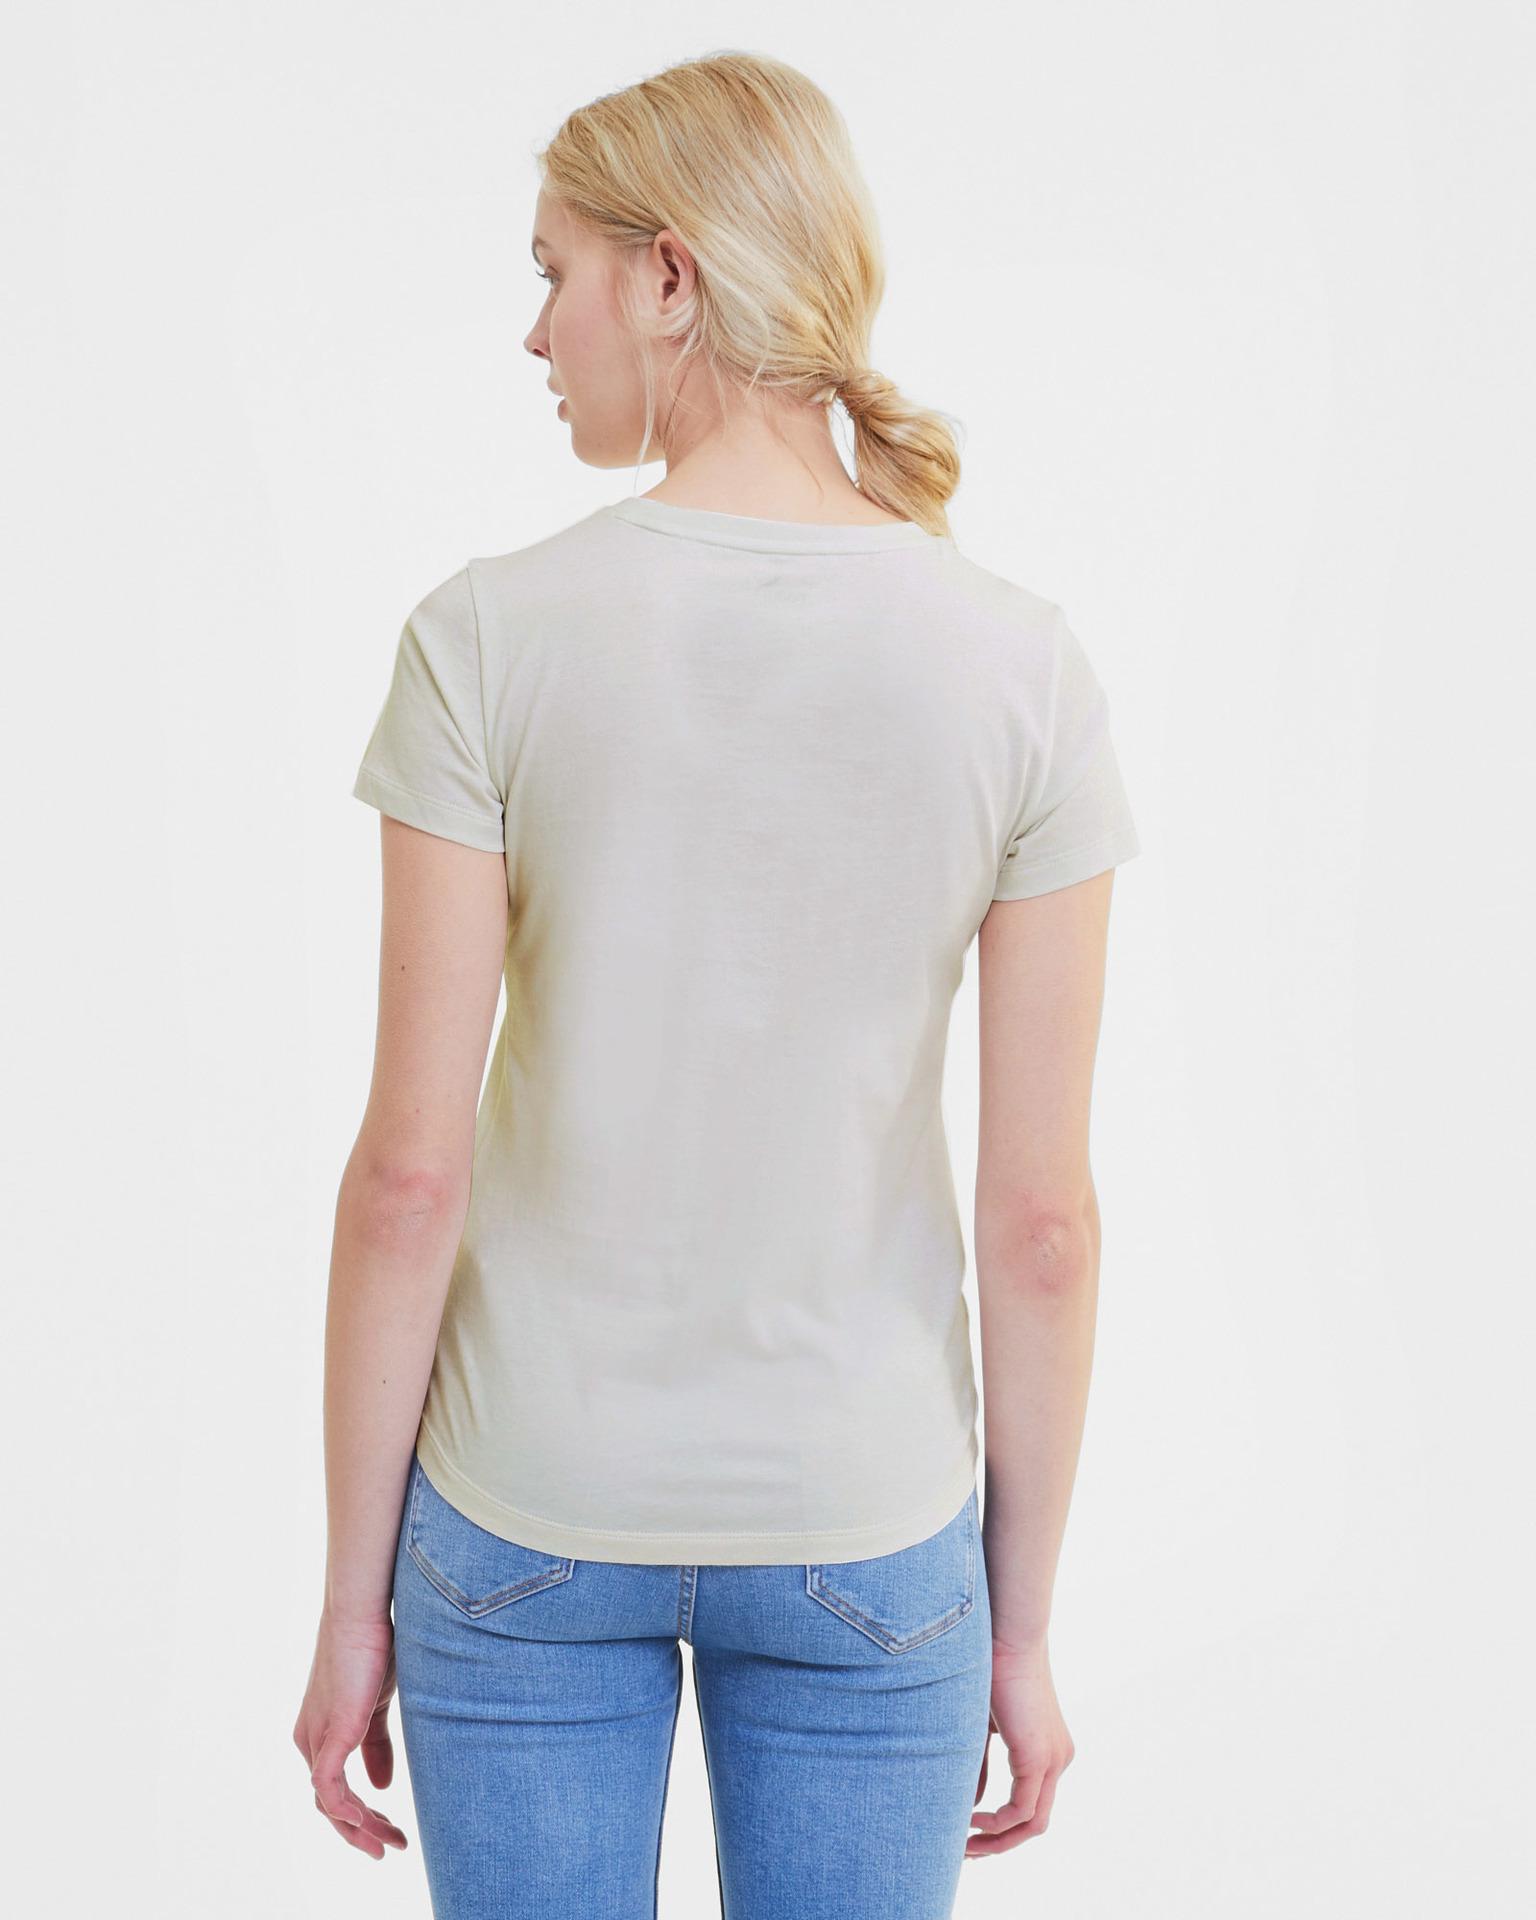 Puma Amplified Graphic Koszulka Biały